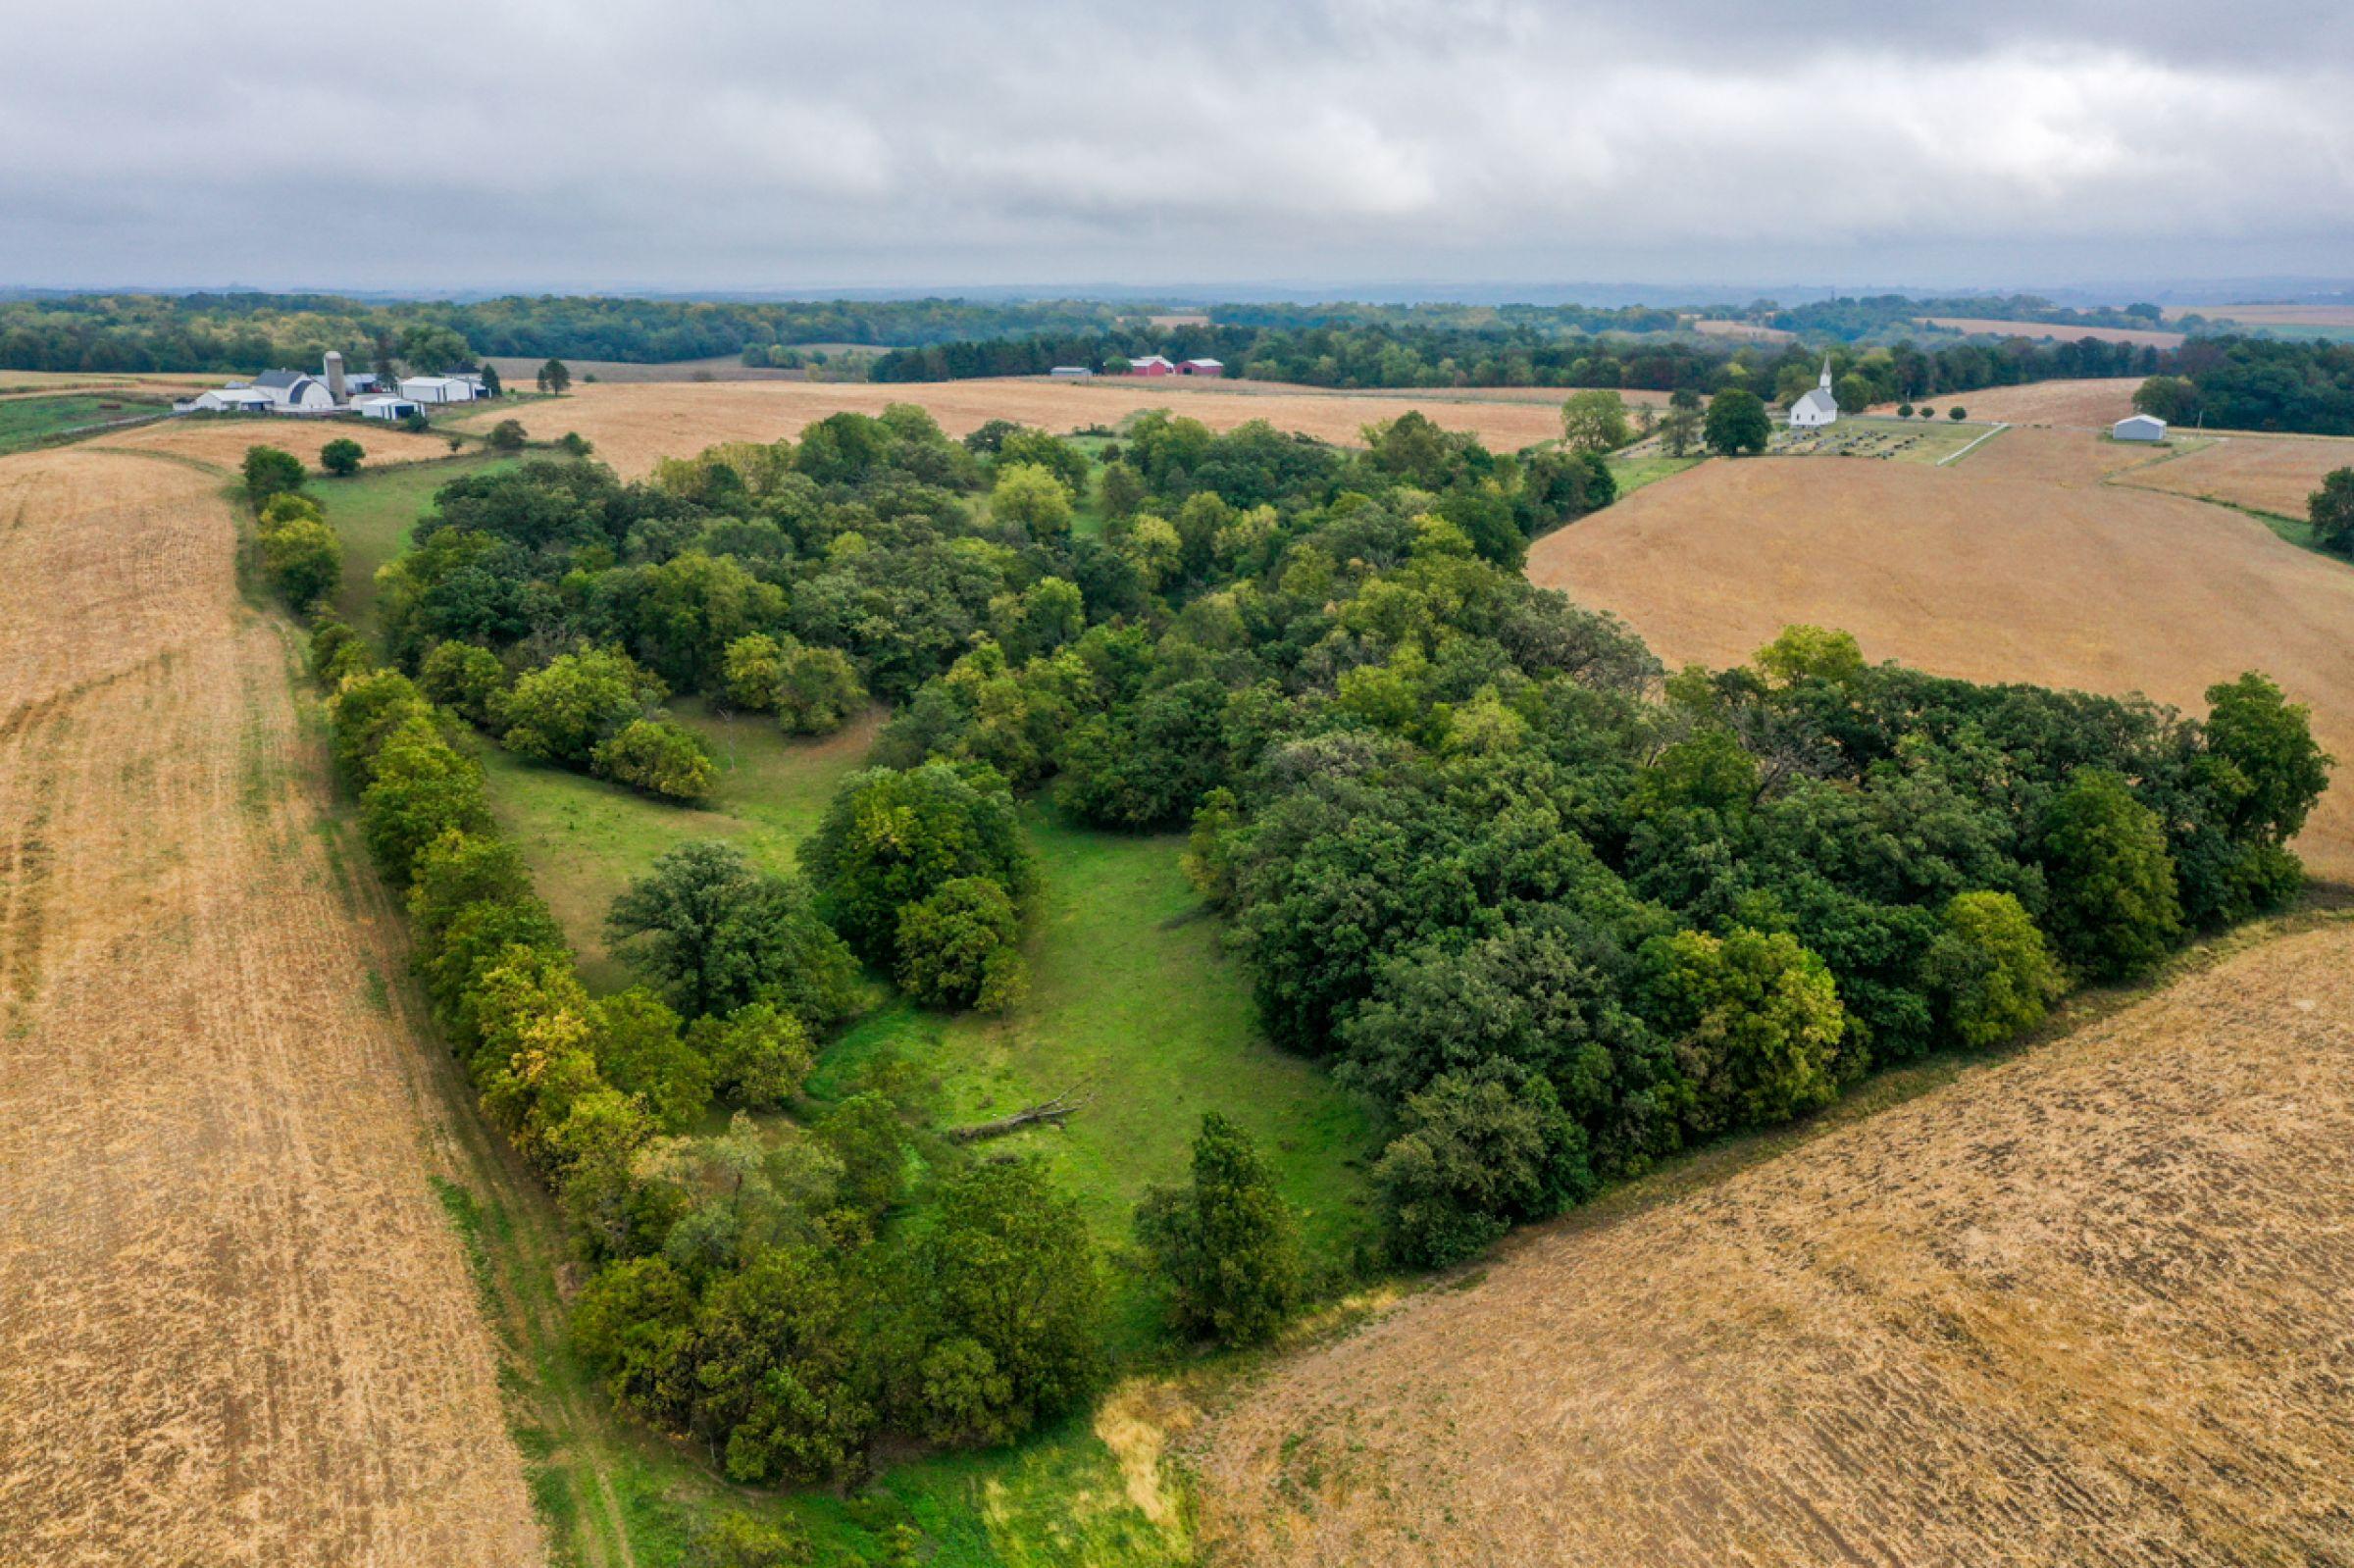 2-apple-grove-church-road-argyle-53504-2-2021-09-21-153557.jpg